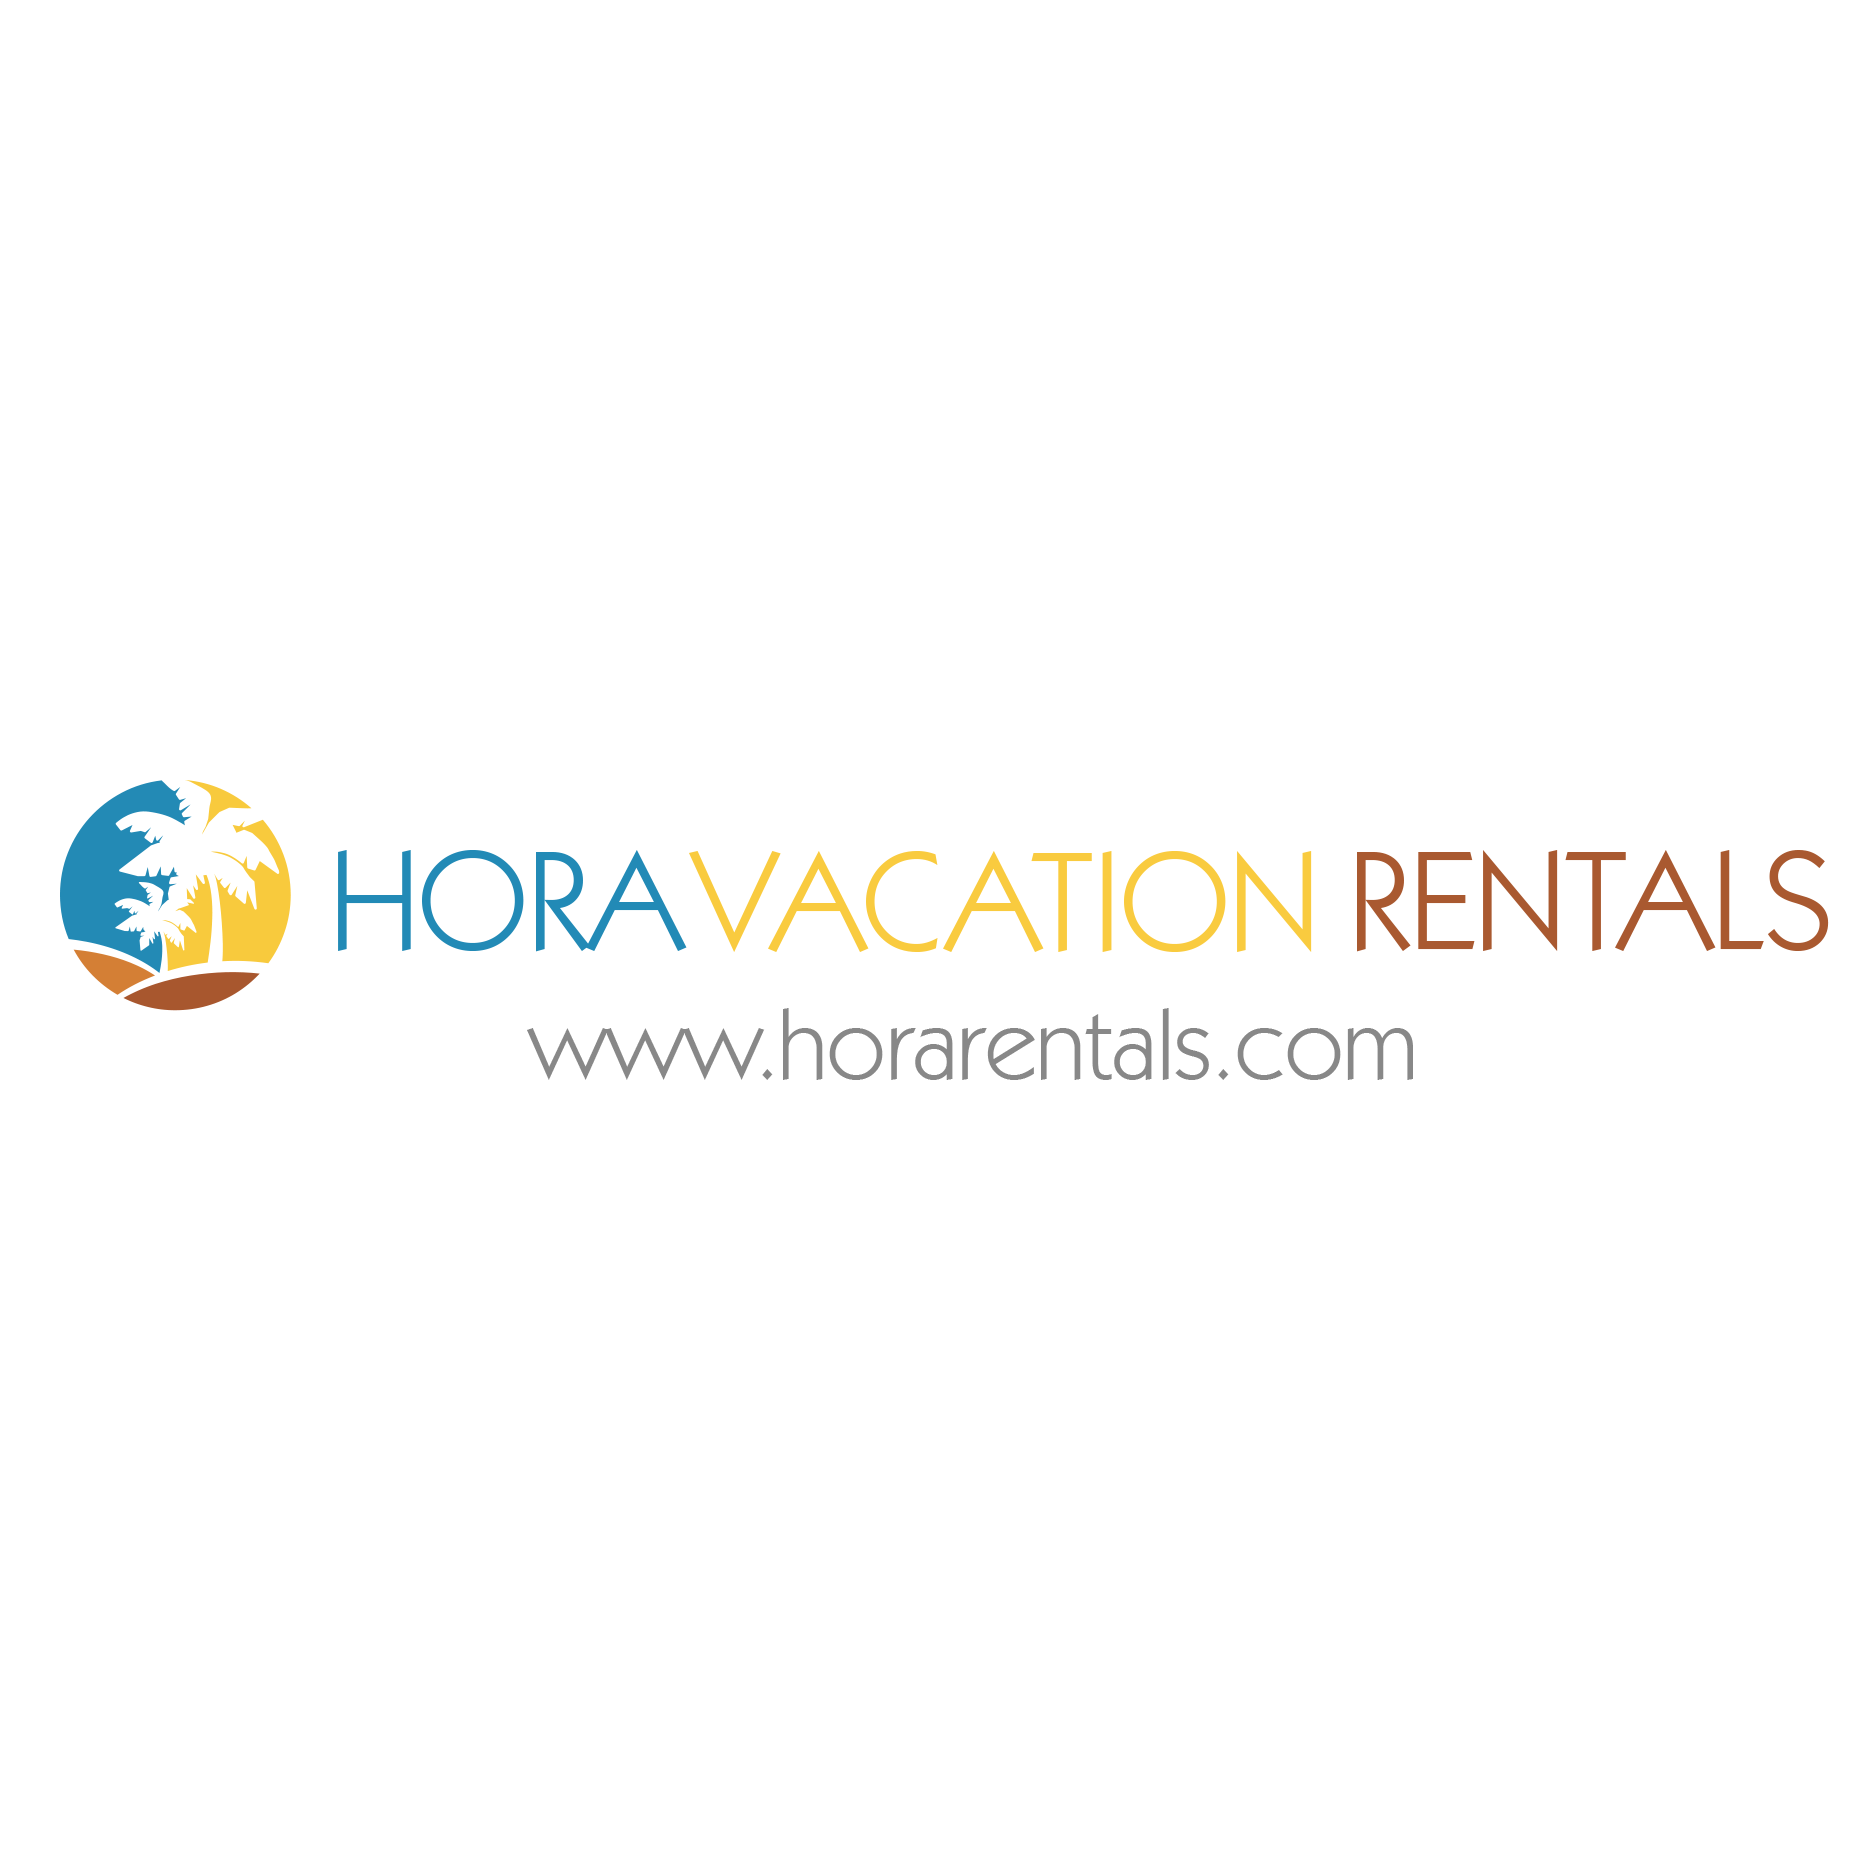 HORA VACATION RENTALS - MIAMI BEACH